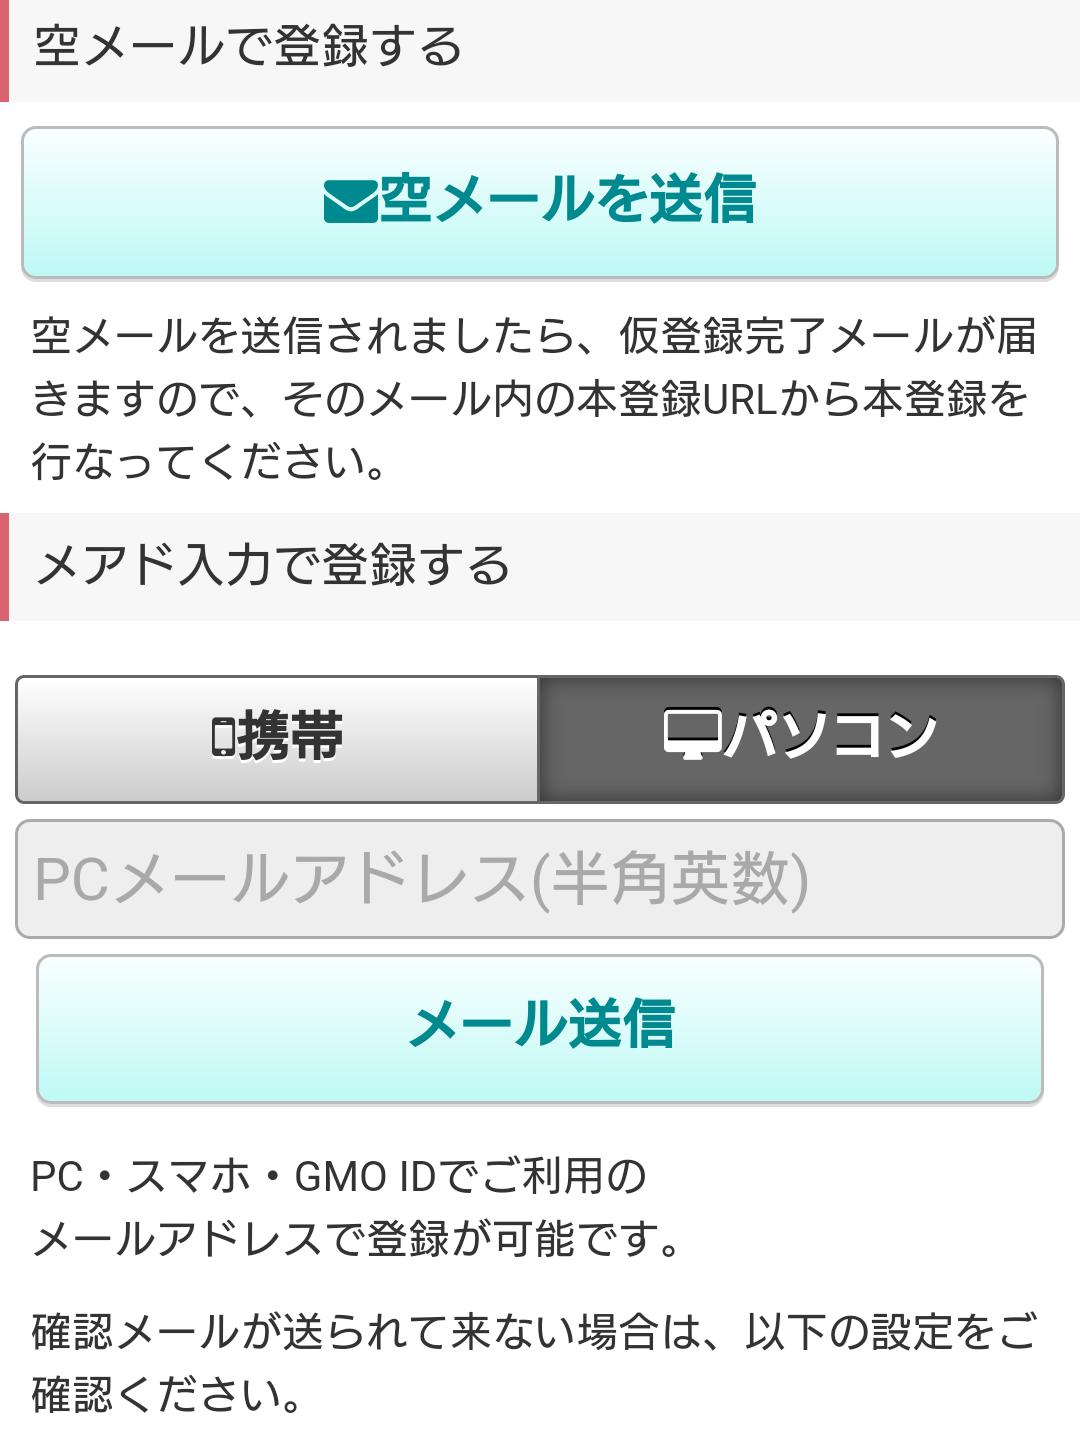 ポイントタウン/登録/空メール送信